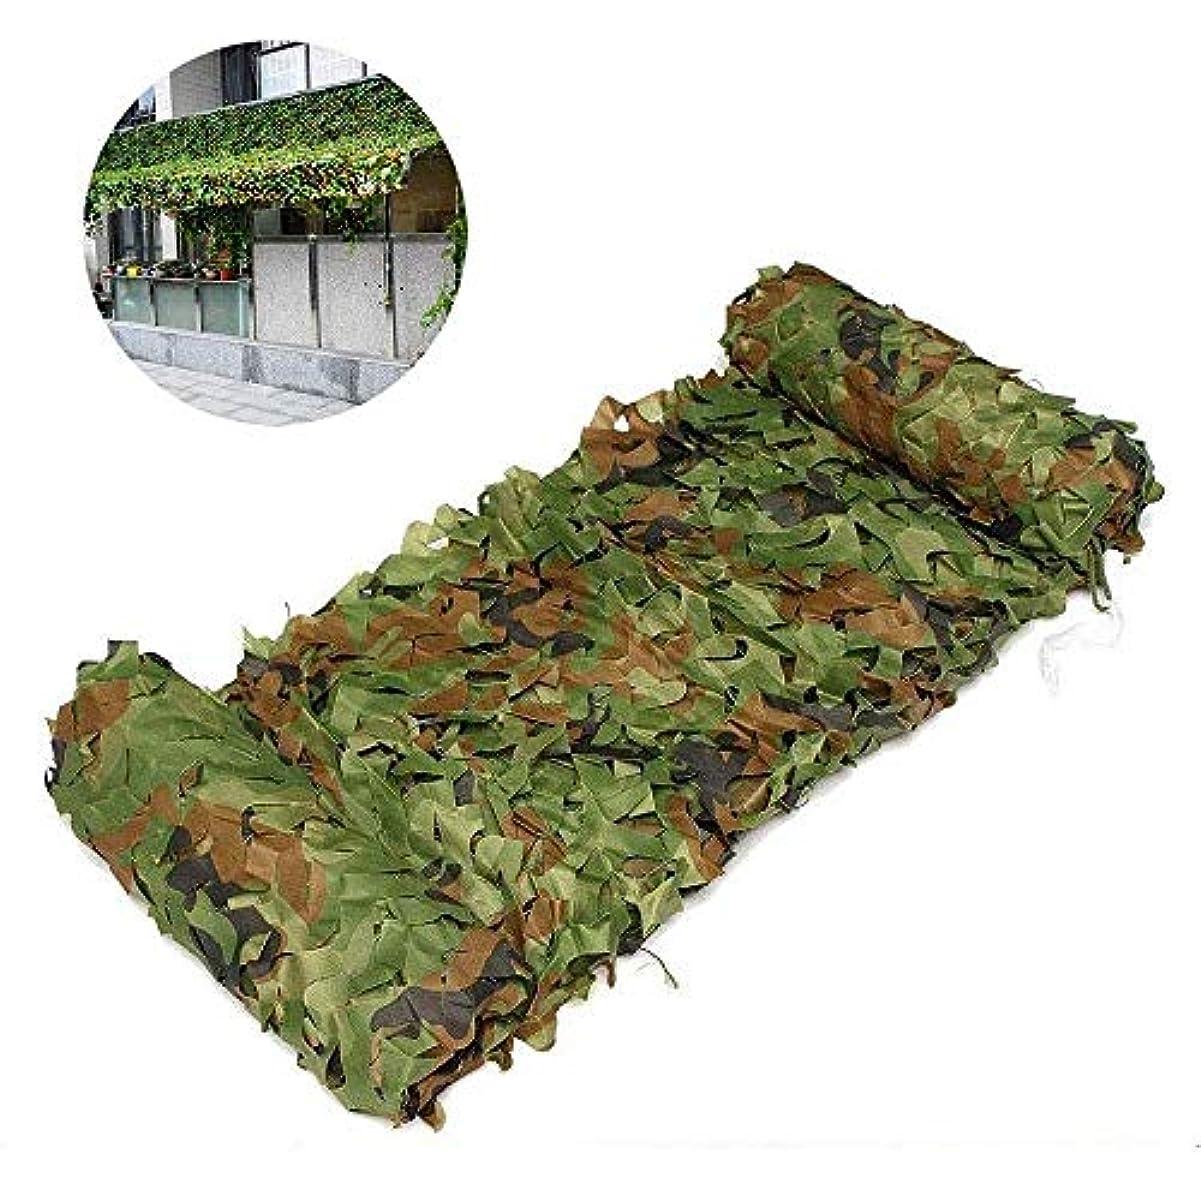 レキシコン汚染する上へ2×3メートル迷彩ネット陸軍射撃迷彩ネットキャンプ隠す軍用森林サンシェードネットオックスフォード生地シェード装飾寝室ガーデンパーティー